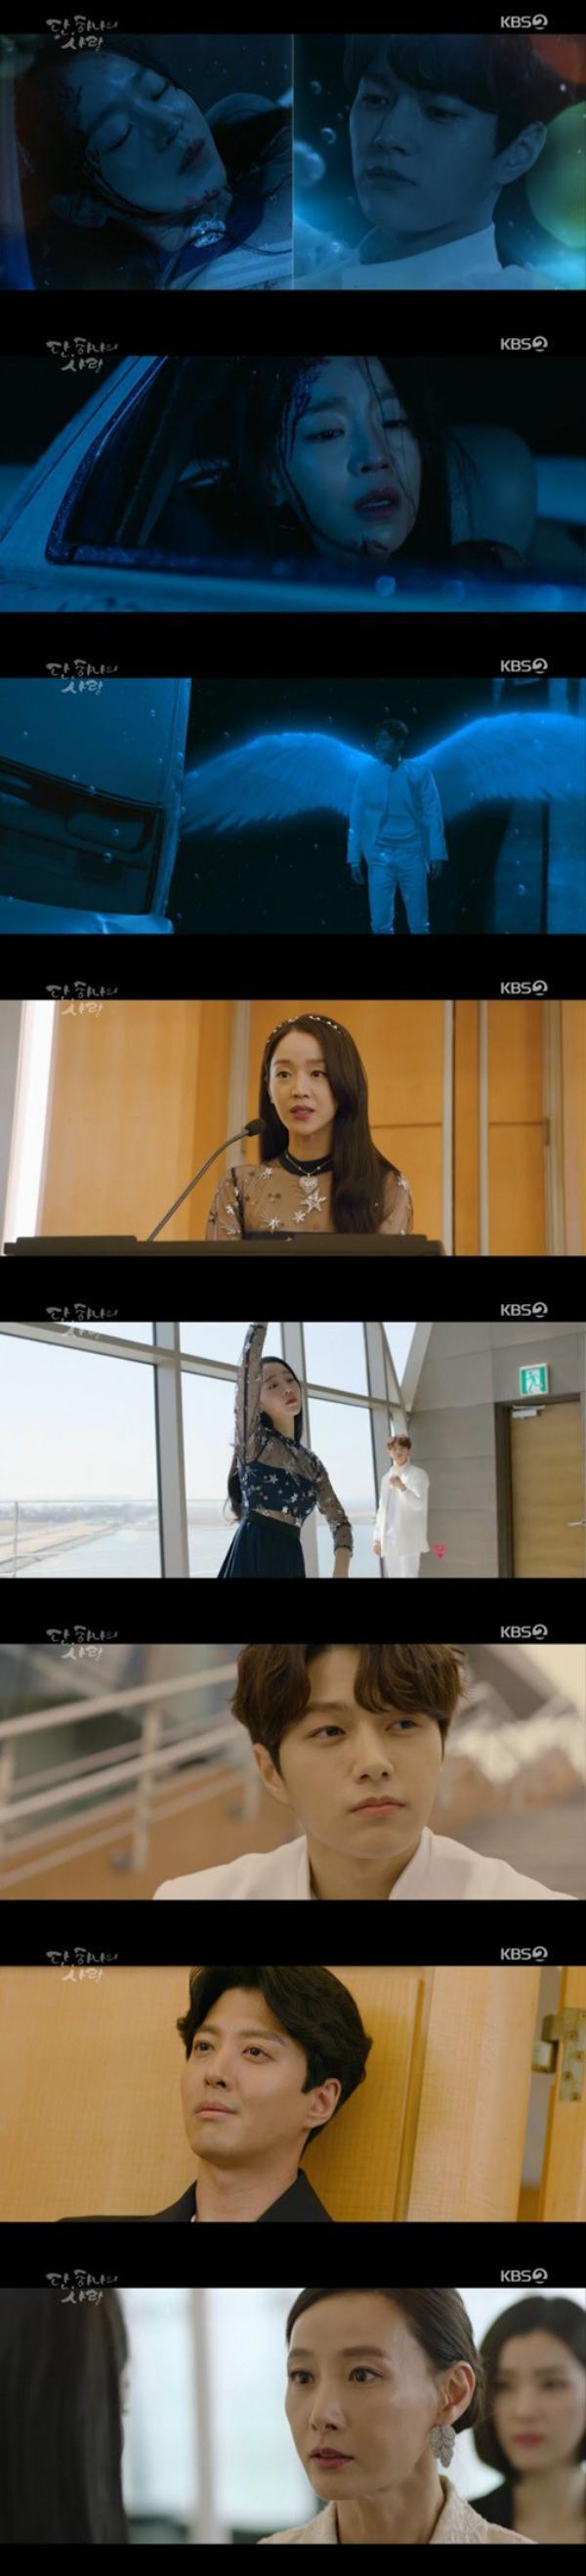 Rating 22/05: Phim của Shin Hye Sun  L (Infinite) bỏ xa Han Ji Min và Park Min Young ảnh 0